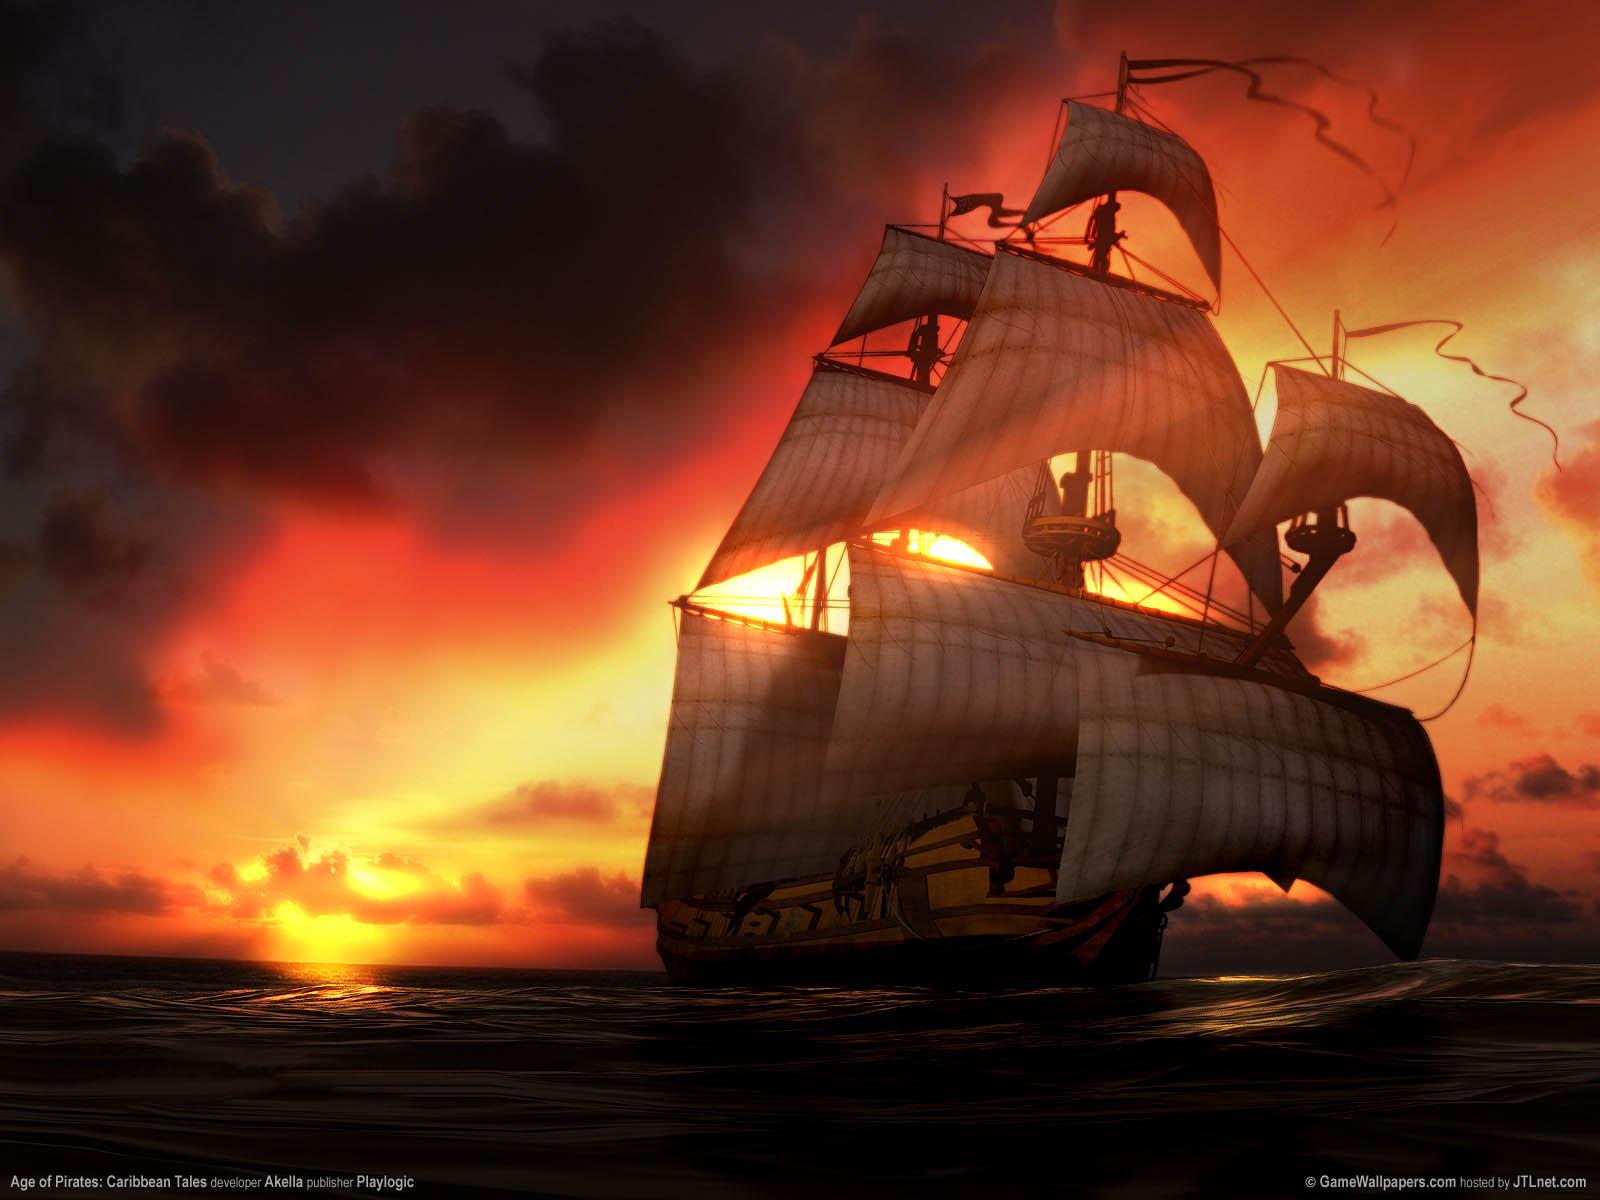 http://3.bp.blogspot.com/-bw6uaWSav0I/TqRmjdRxs1I/AAAAAAAACrU/NLt-mHv64q4/s1600/wallpaper_age_of_pirates_caribbean_tales_01_16001.jpeg